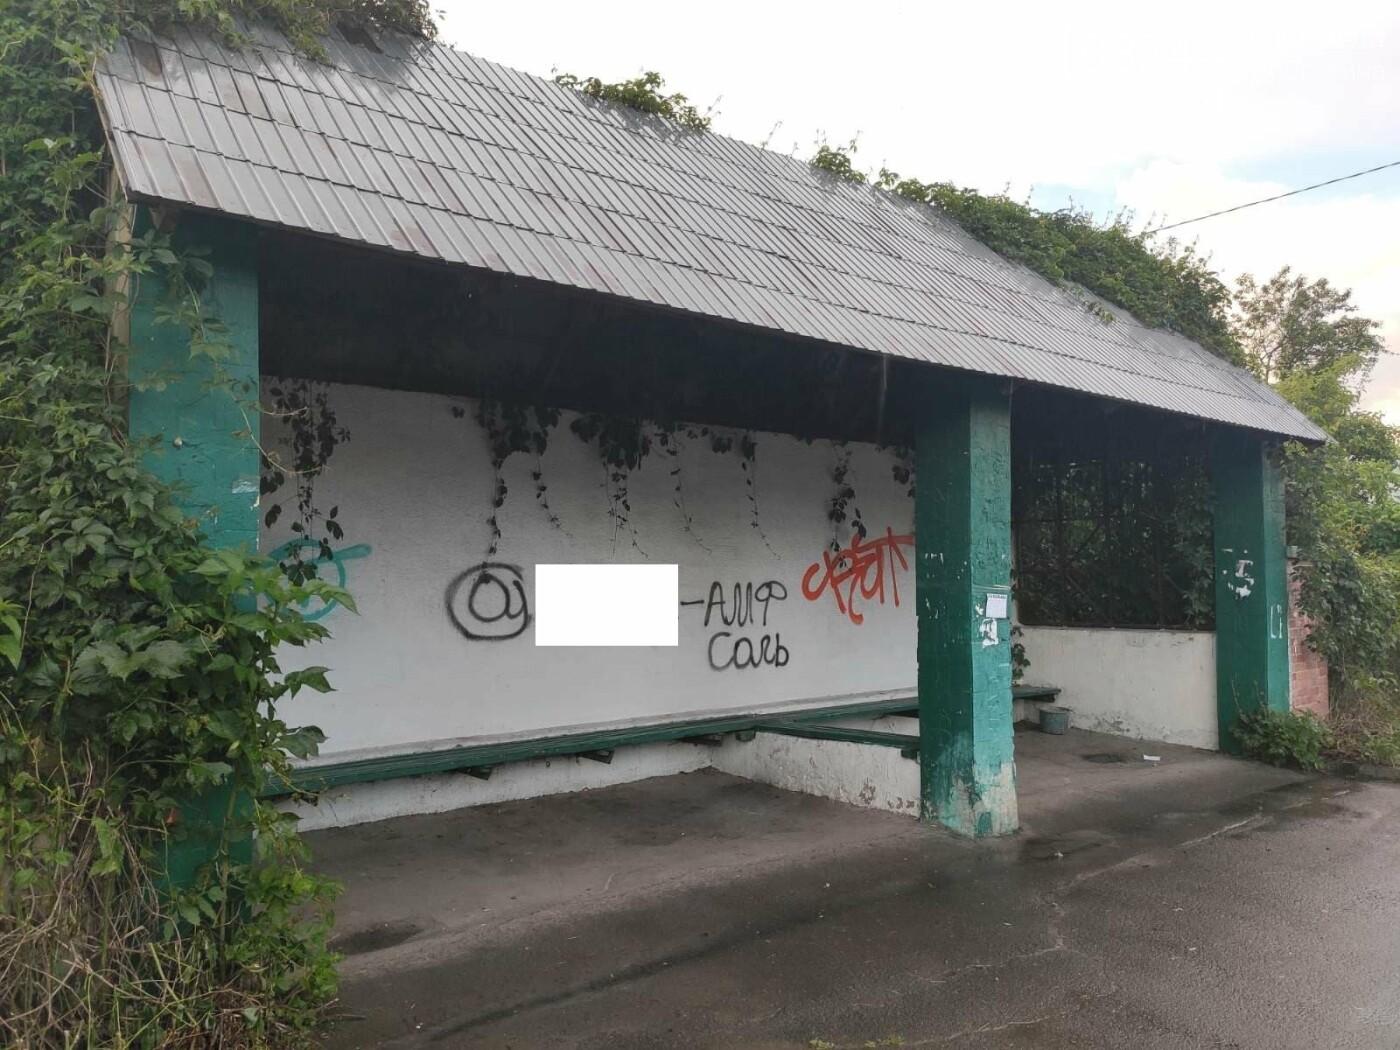 Дрогобич полонили небезпечні графіті: за електронними адресами пропонують придбати дурман-зілля, фото-2